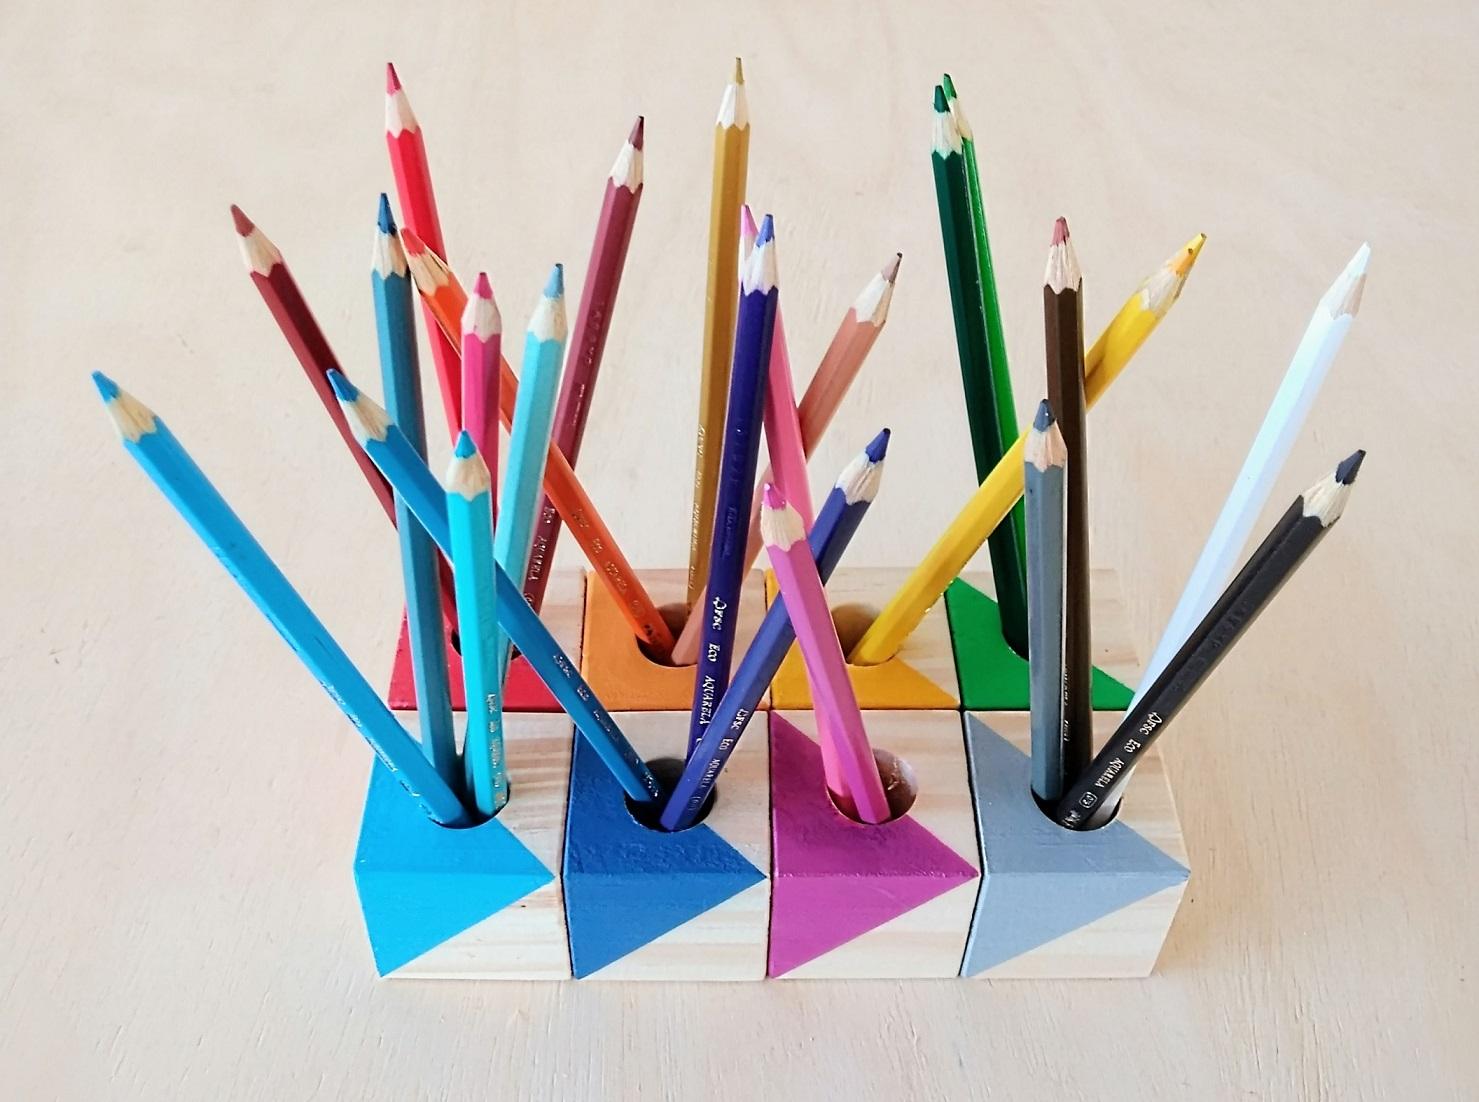 Kit de 8 Cubos Porta-Lápis de Madeira Coloridos TriTriângulos, da Cute Cubes - Cód. CC320